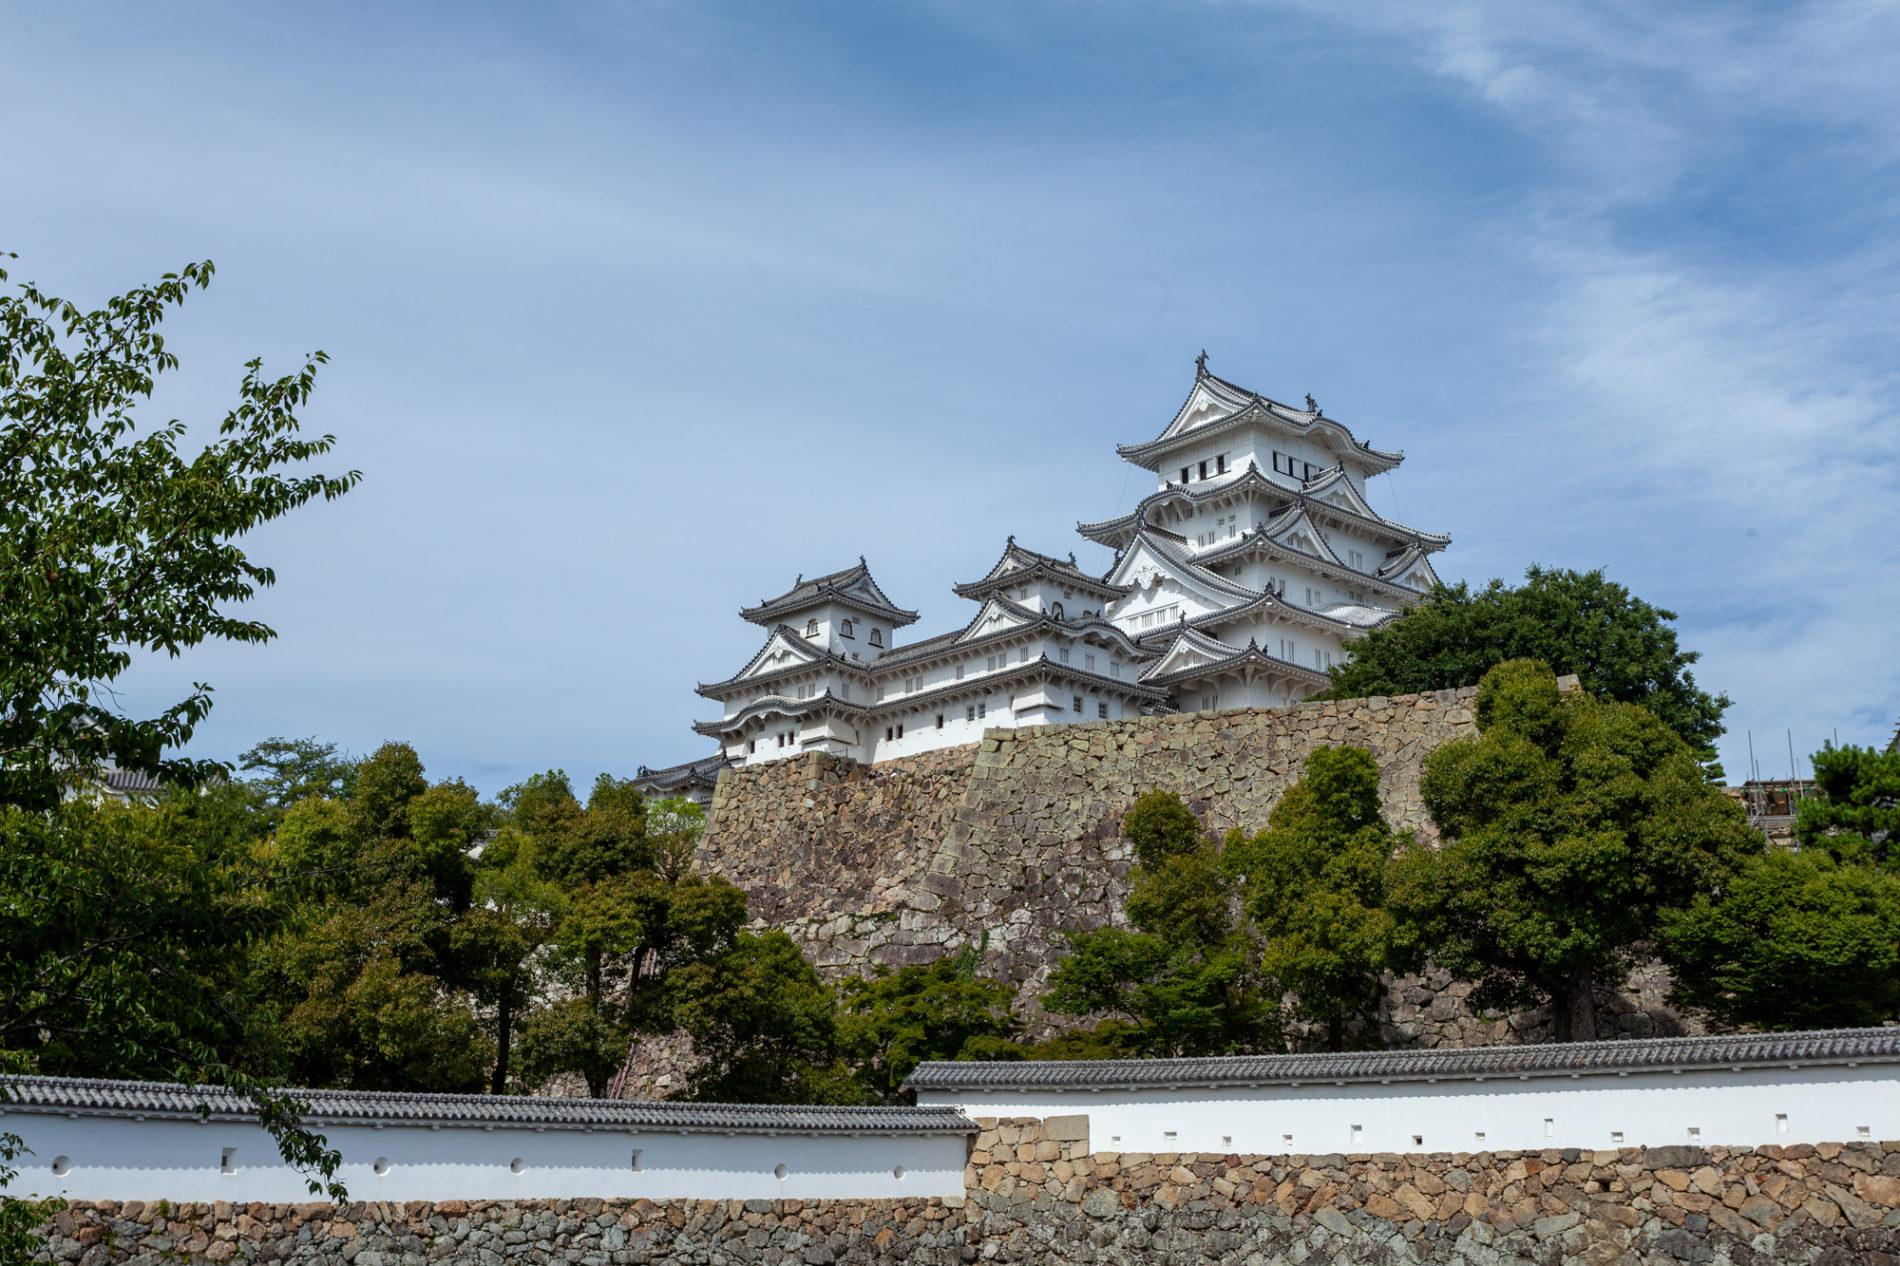 兵庫県姫路市 世界遺産姫路城